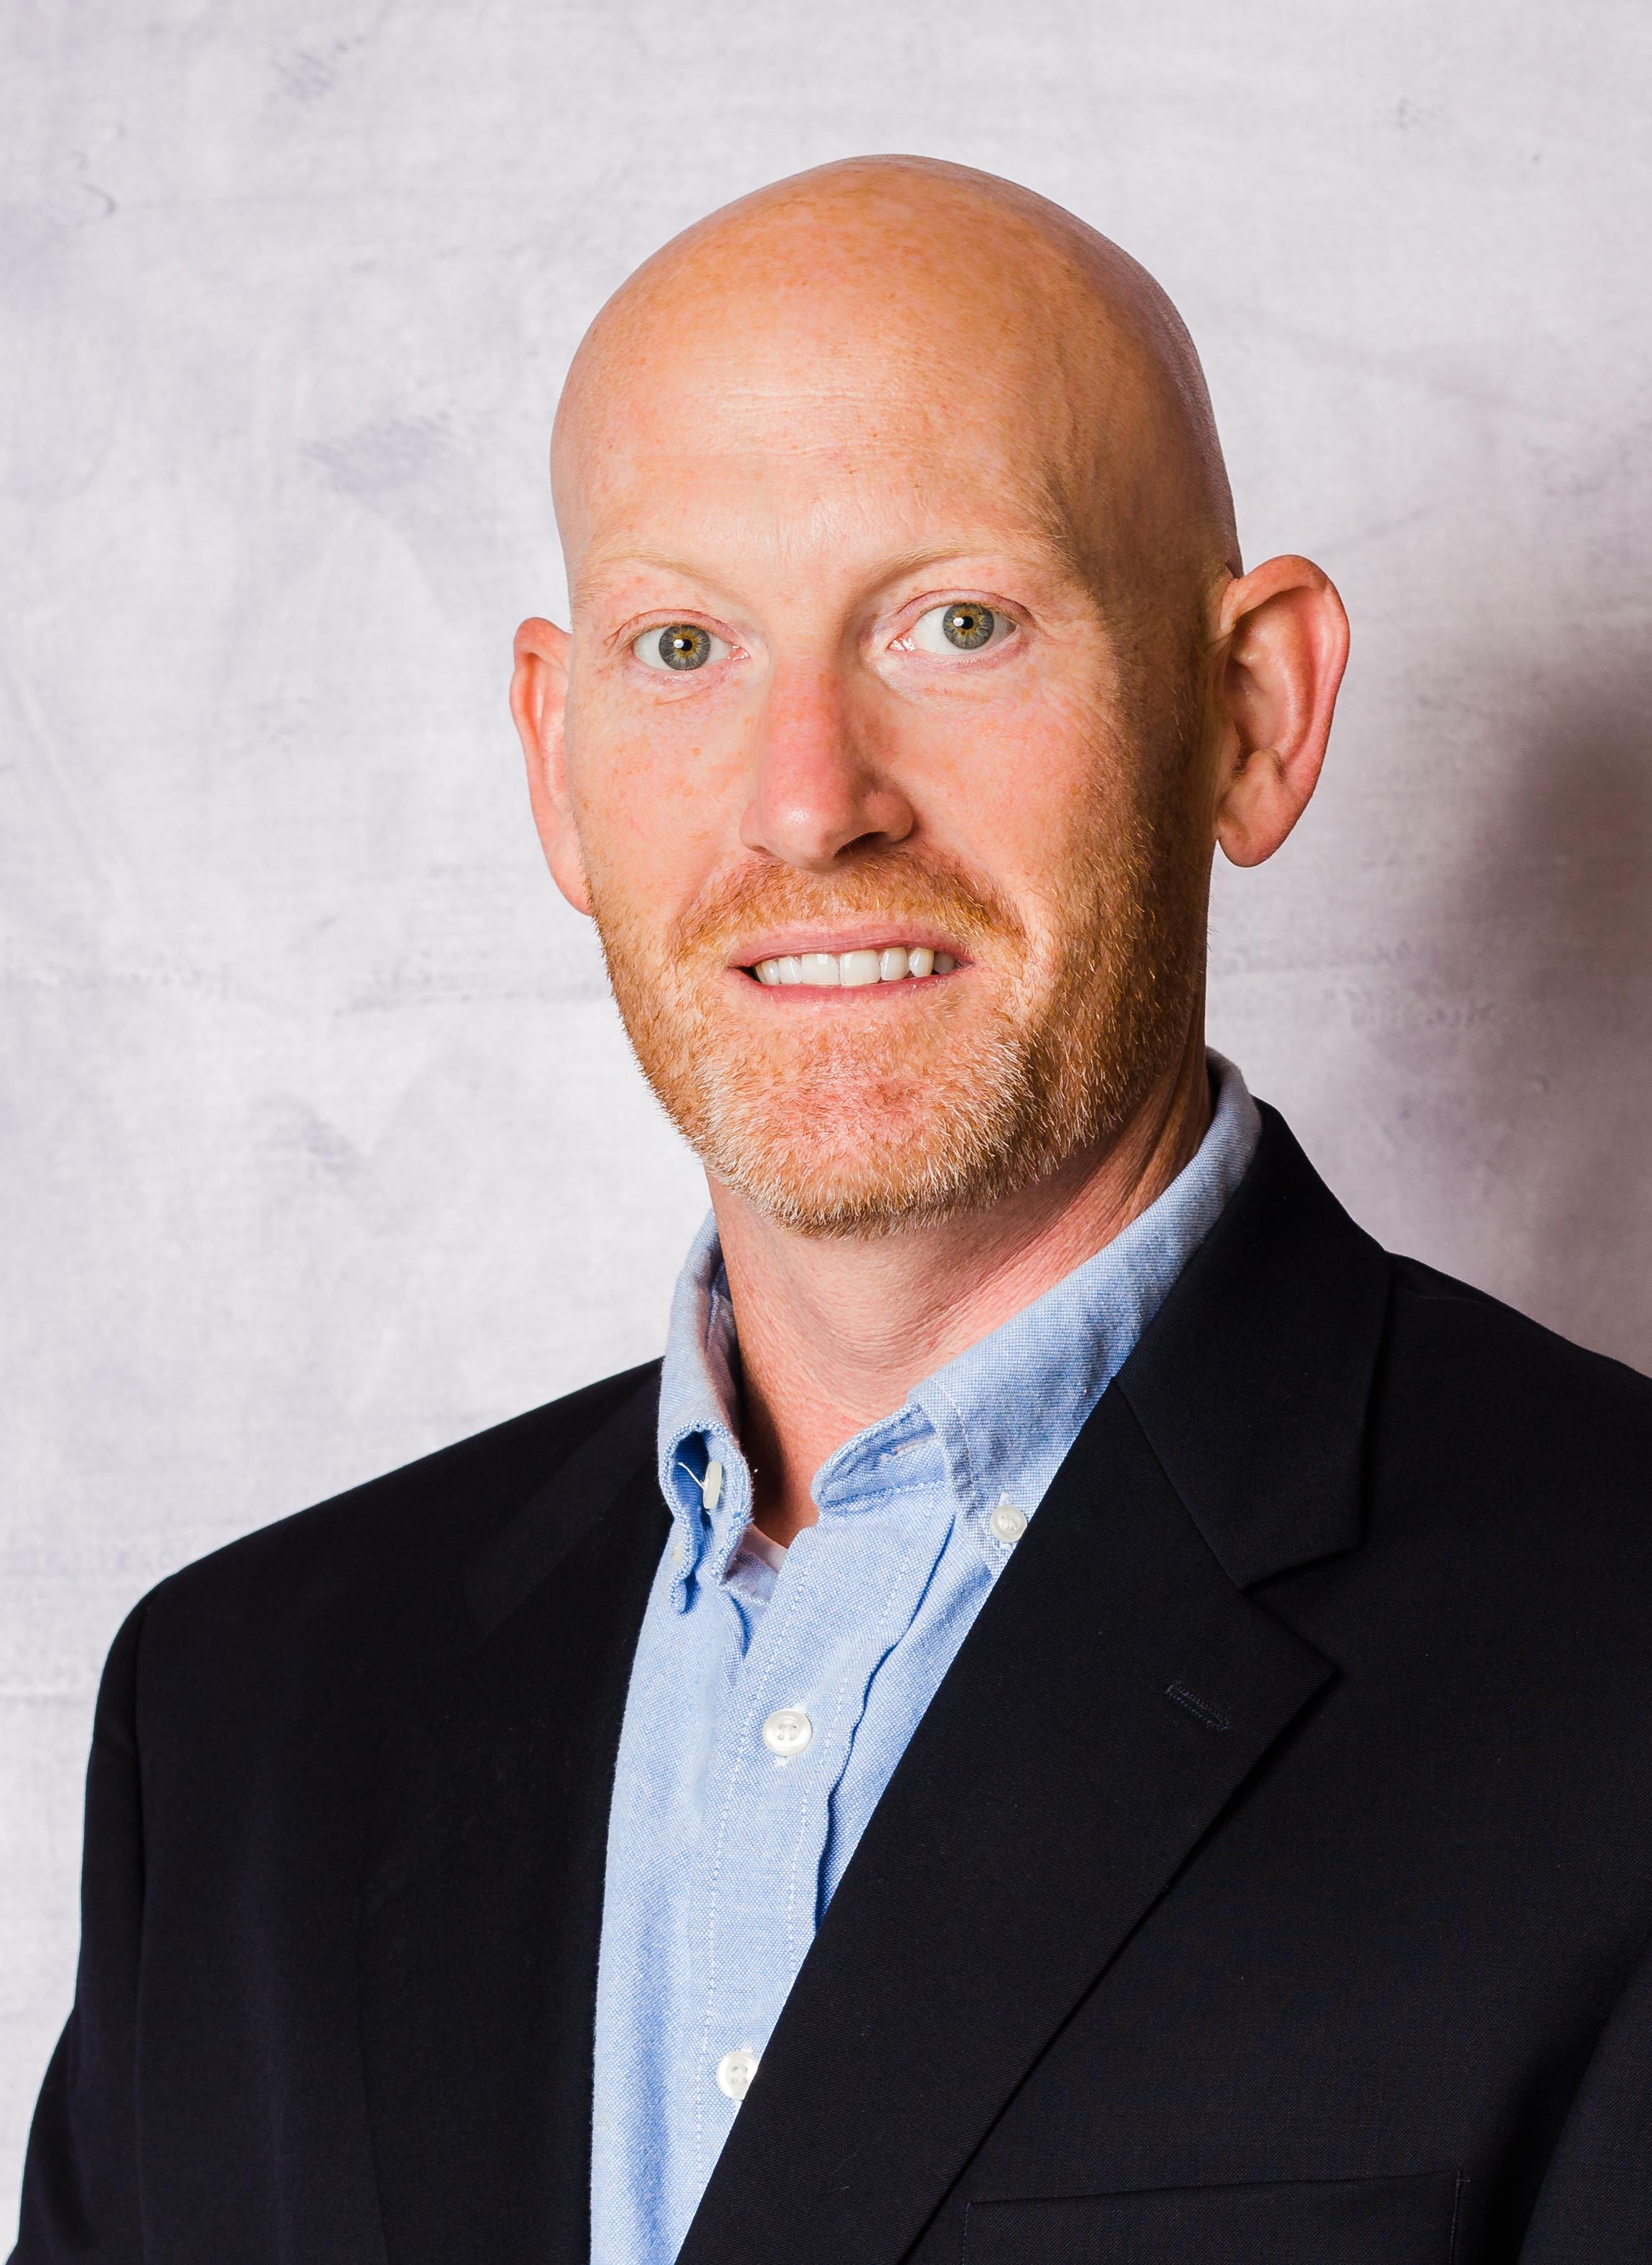 Chad Cox